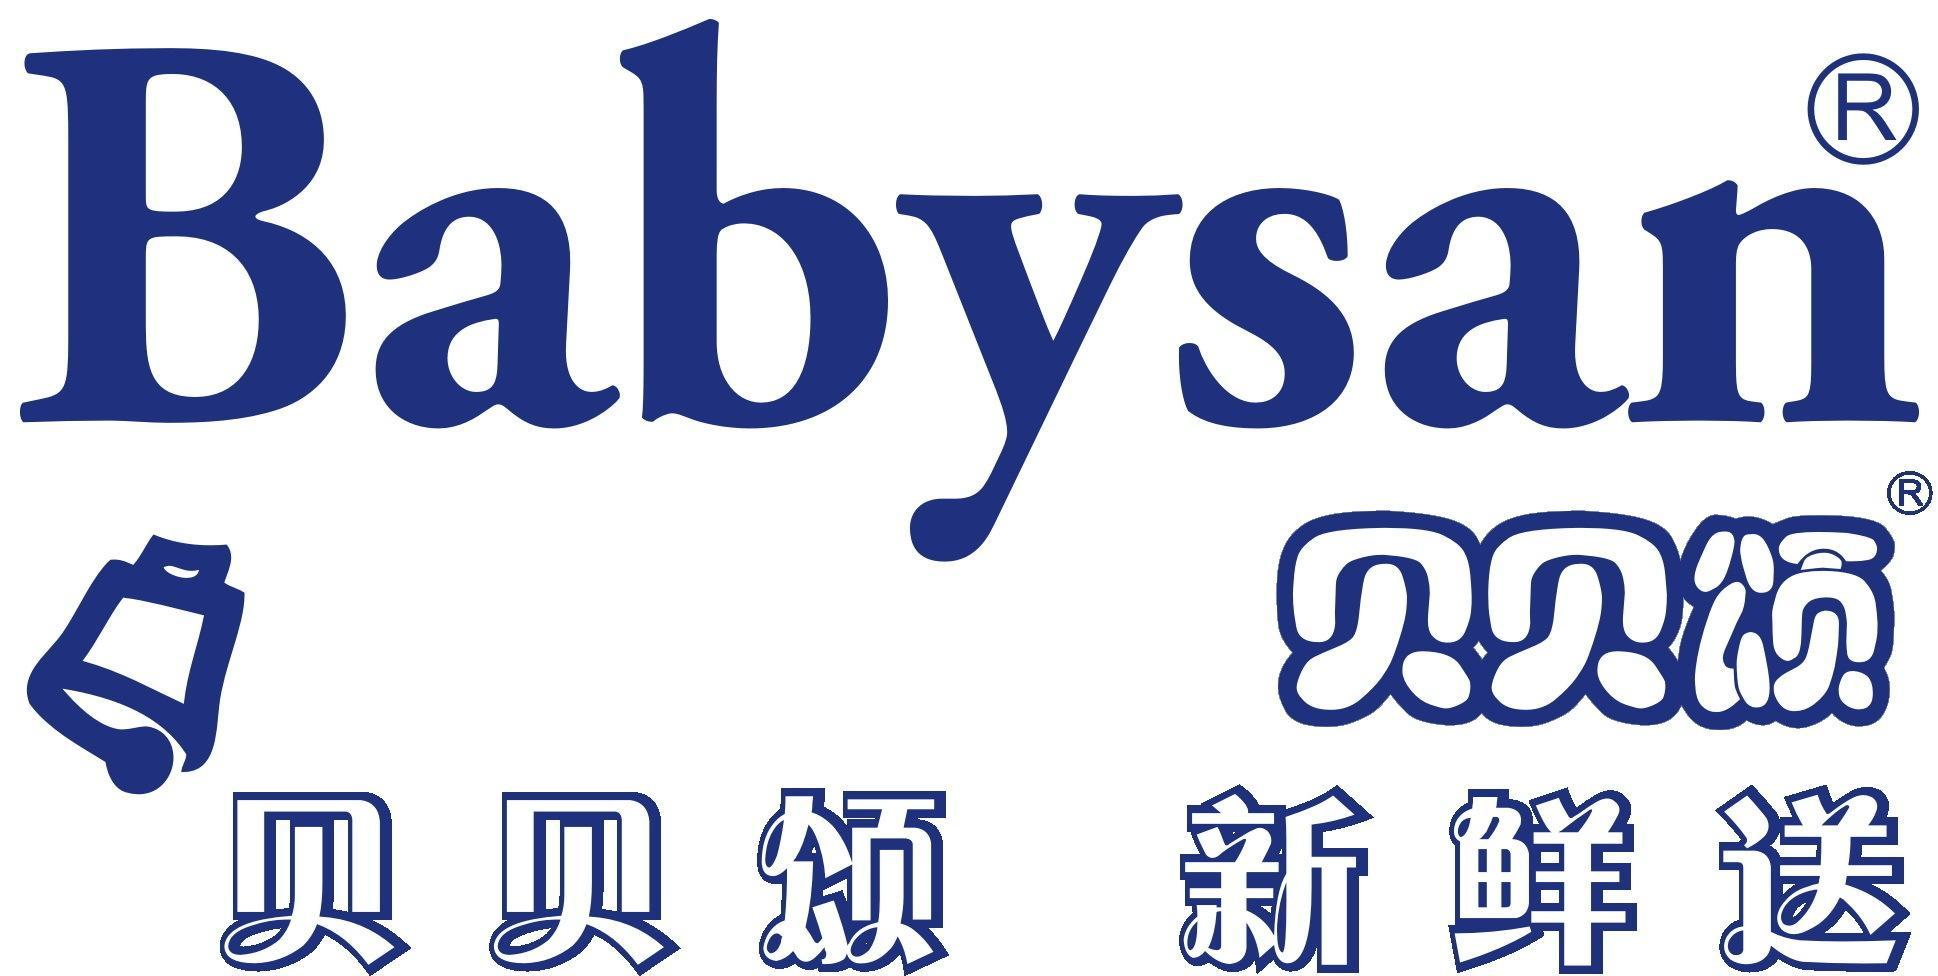 贝贝颂logo图片